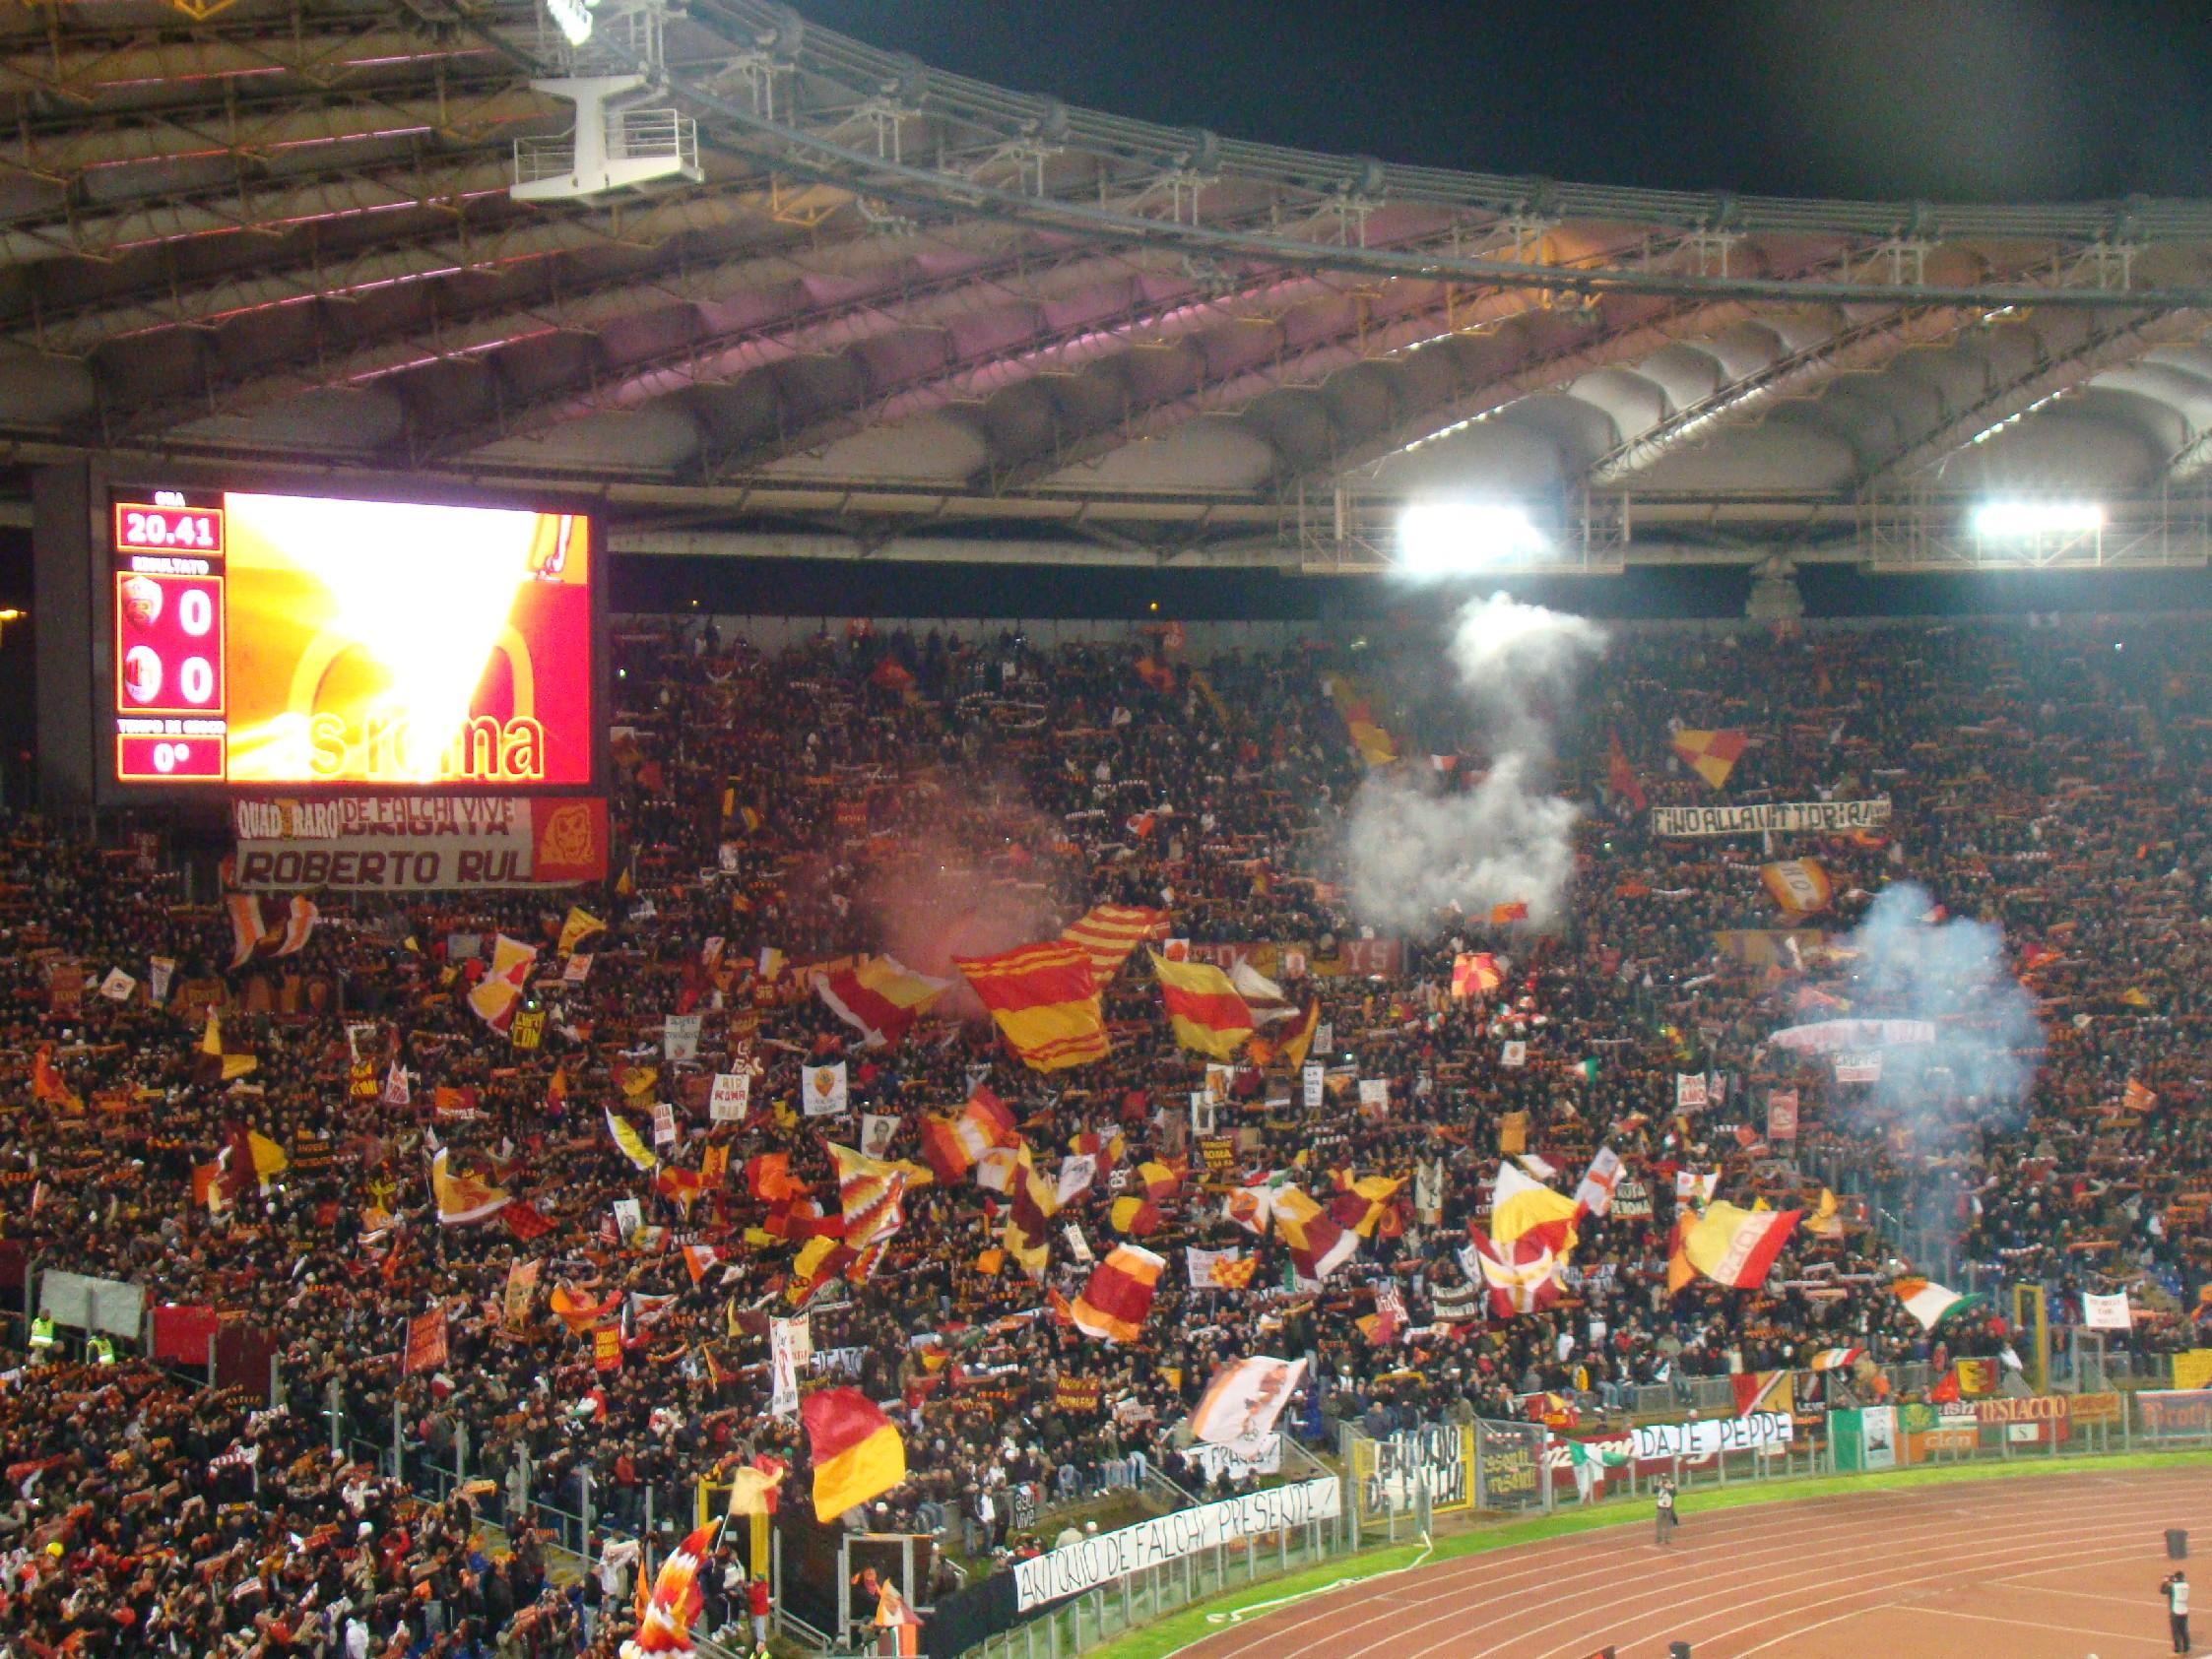 Pugno duro in Serie A: chiuse curva sud Roma e nord Lazio